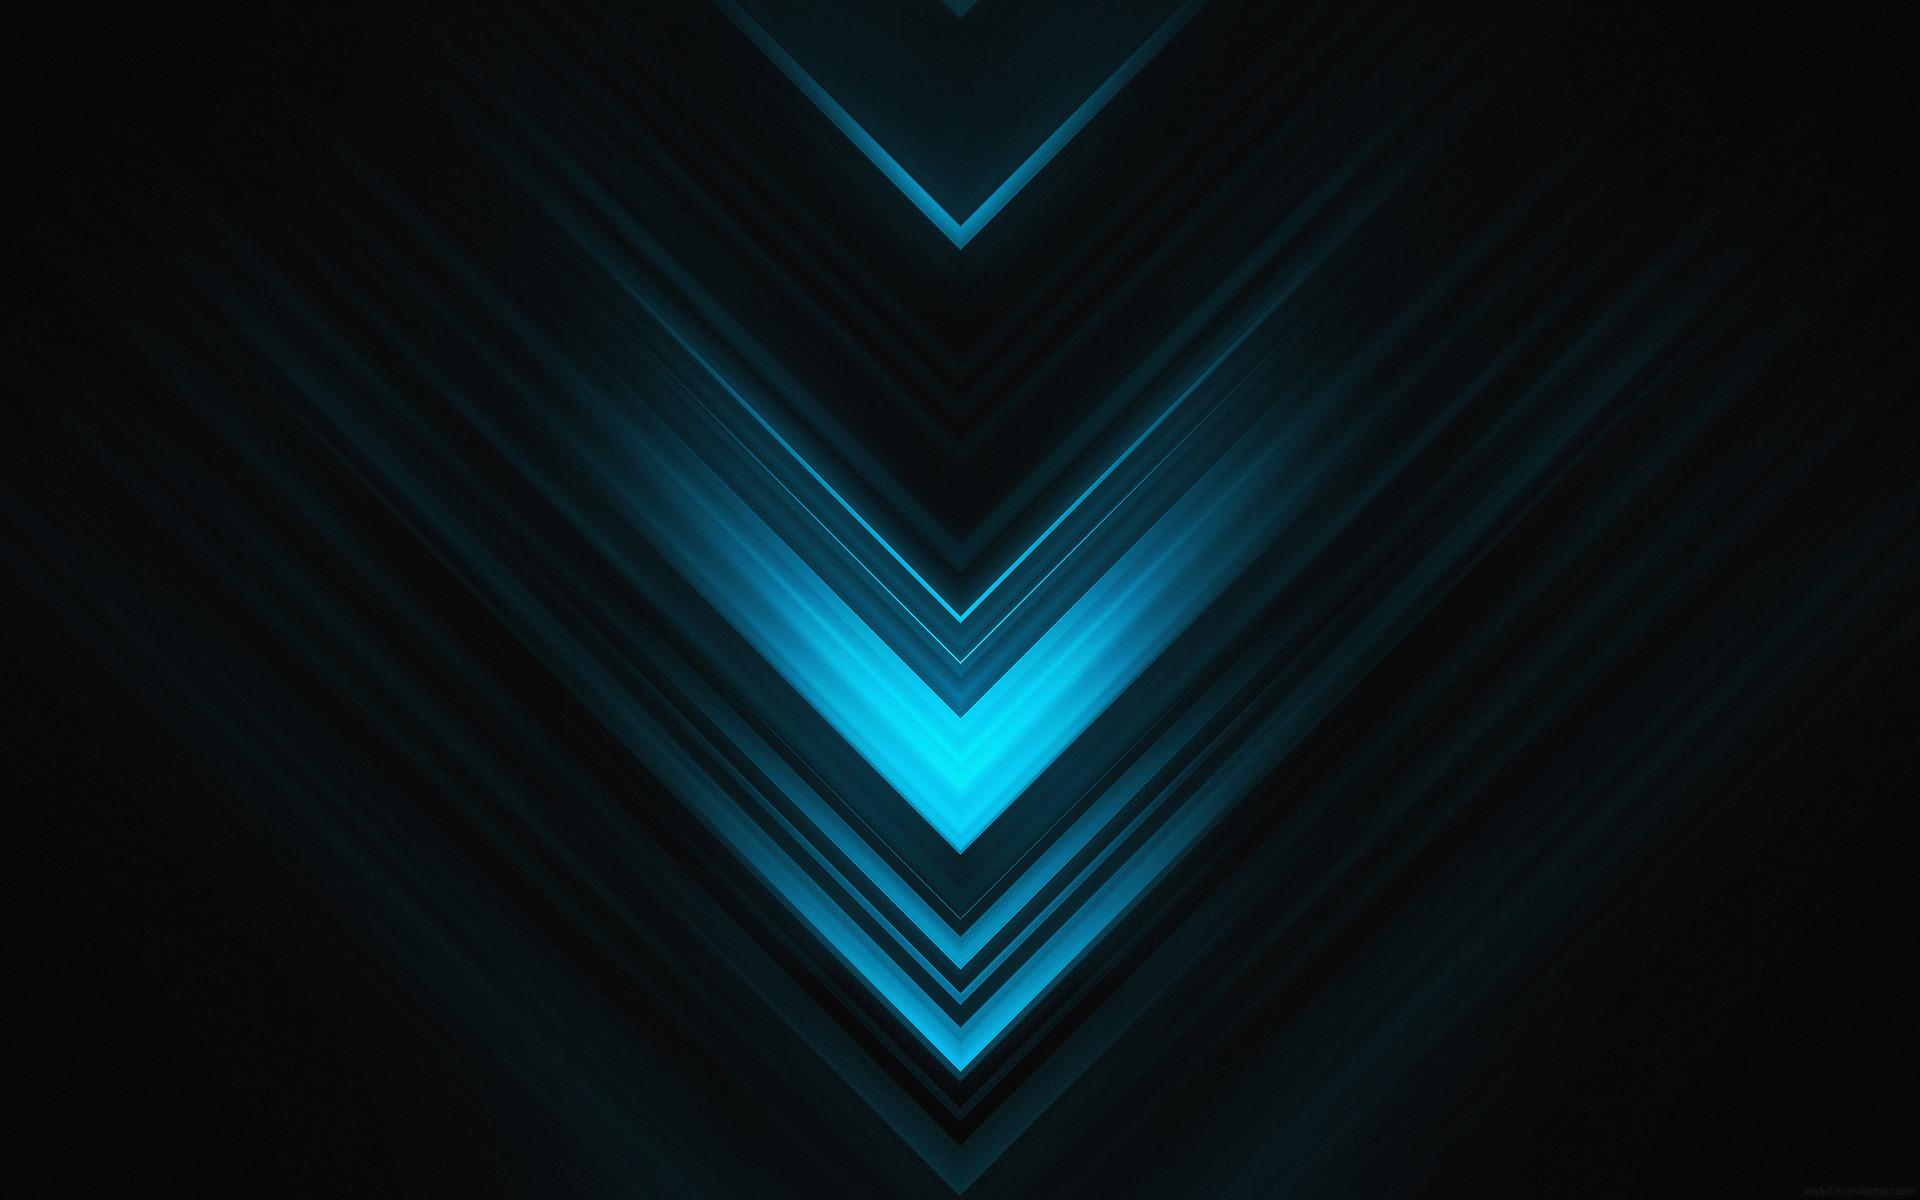 Черно-синие линии  № 2328051  скачать